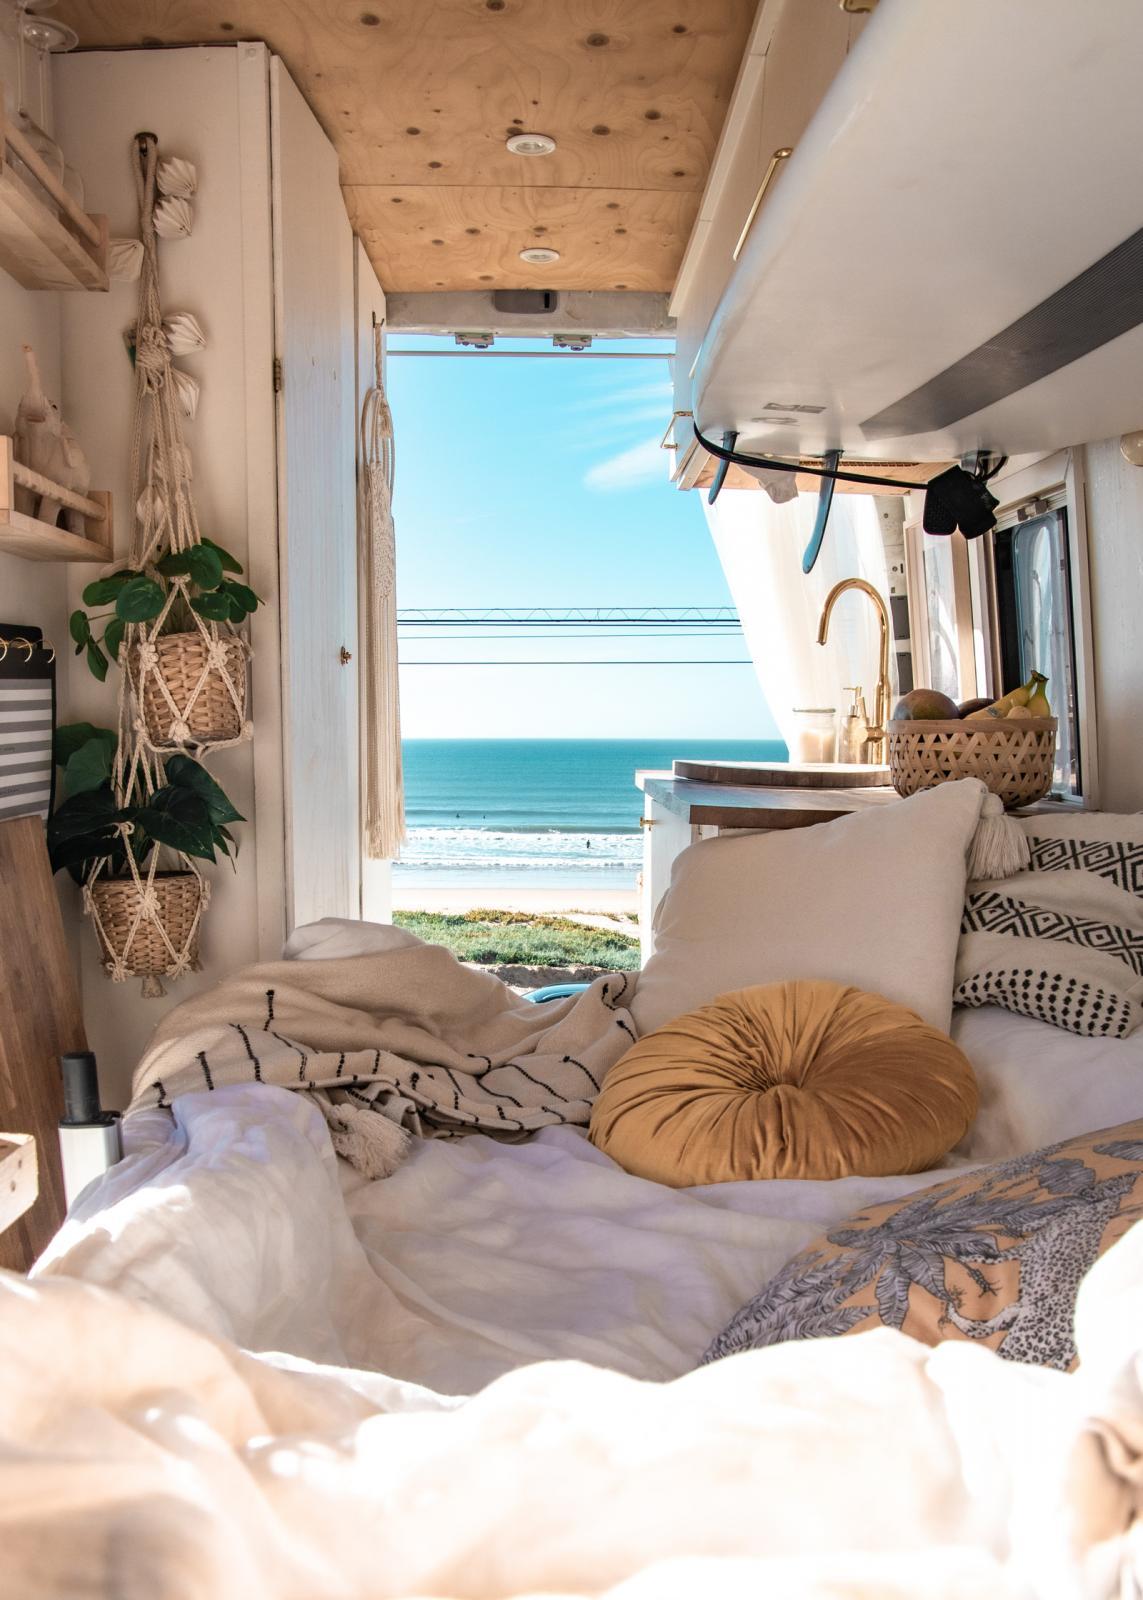 Soffan bäddas ut till en säng nattetid och med bakdörrarna öppna kan man ta en siesta till denna magnifika vy.